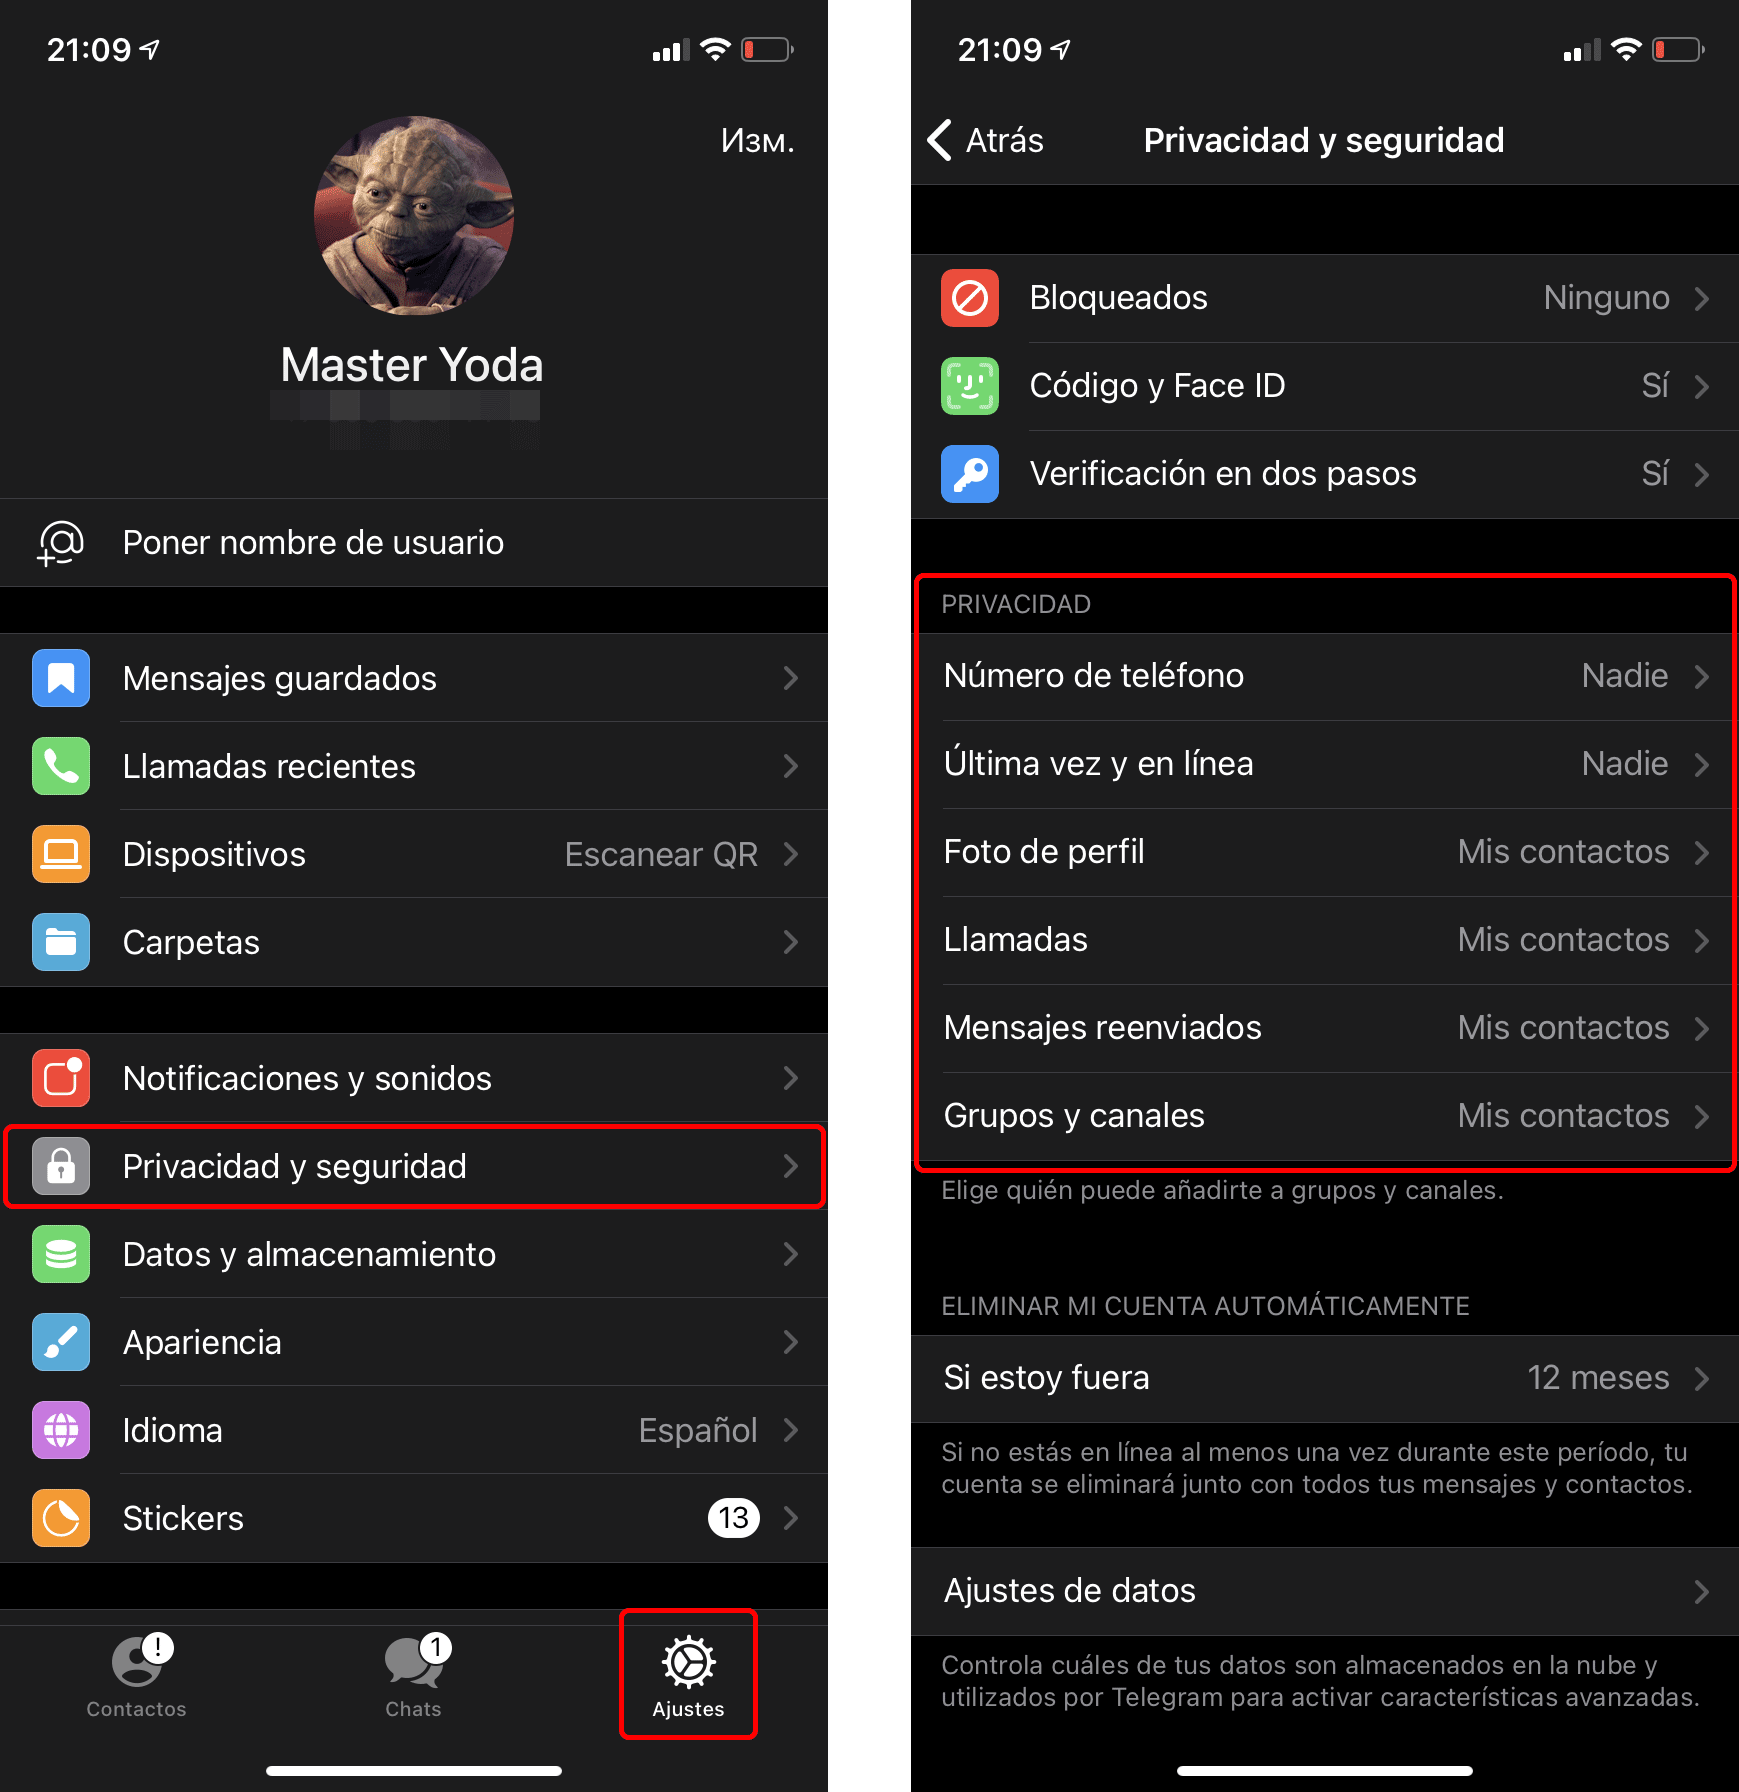 Cómo configurar la privacidad en Telegram